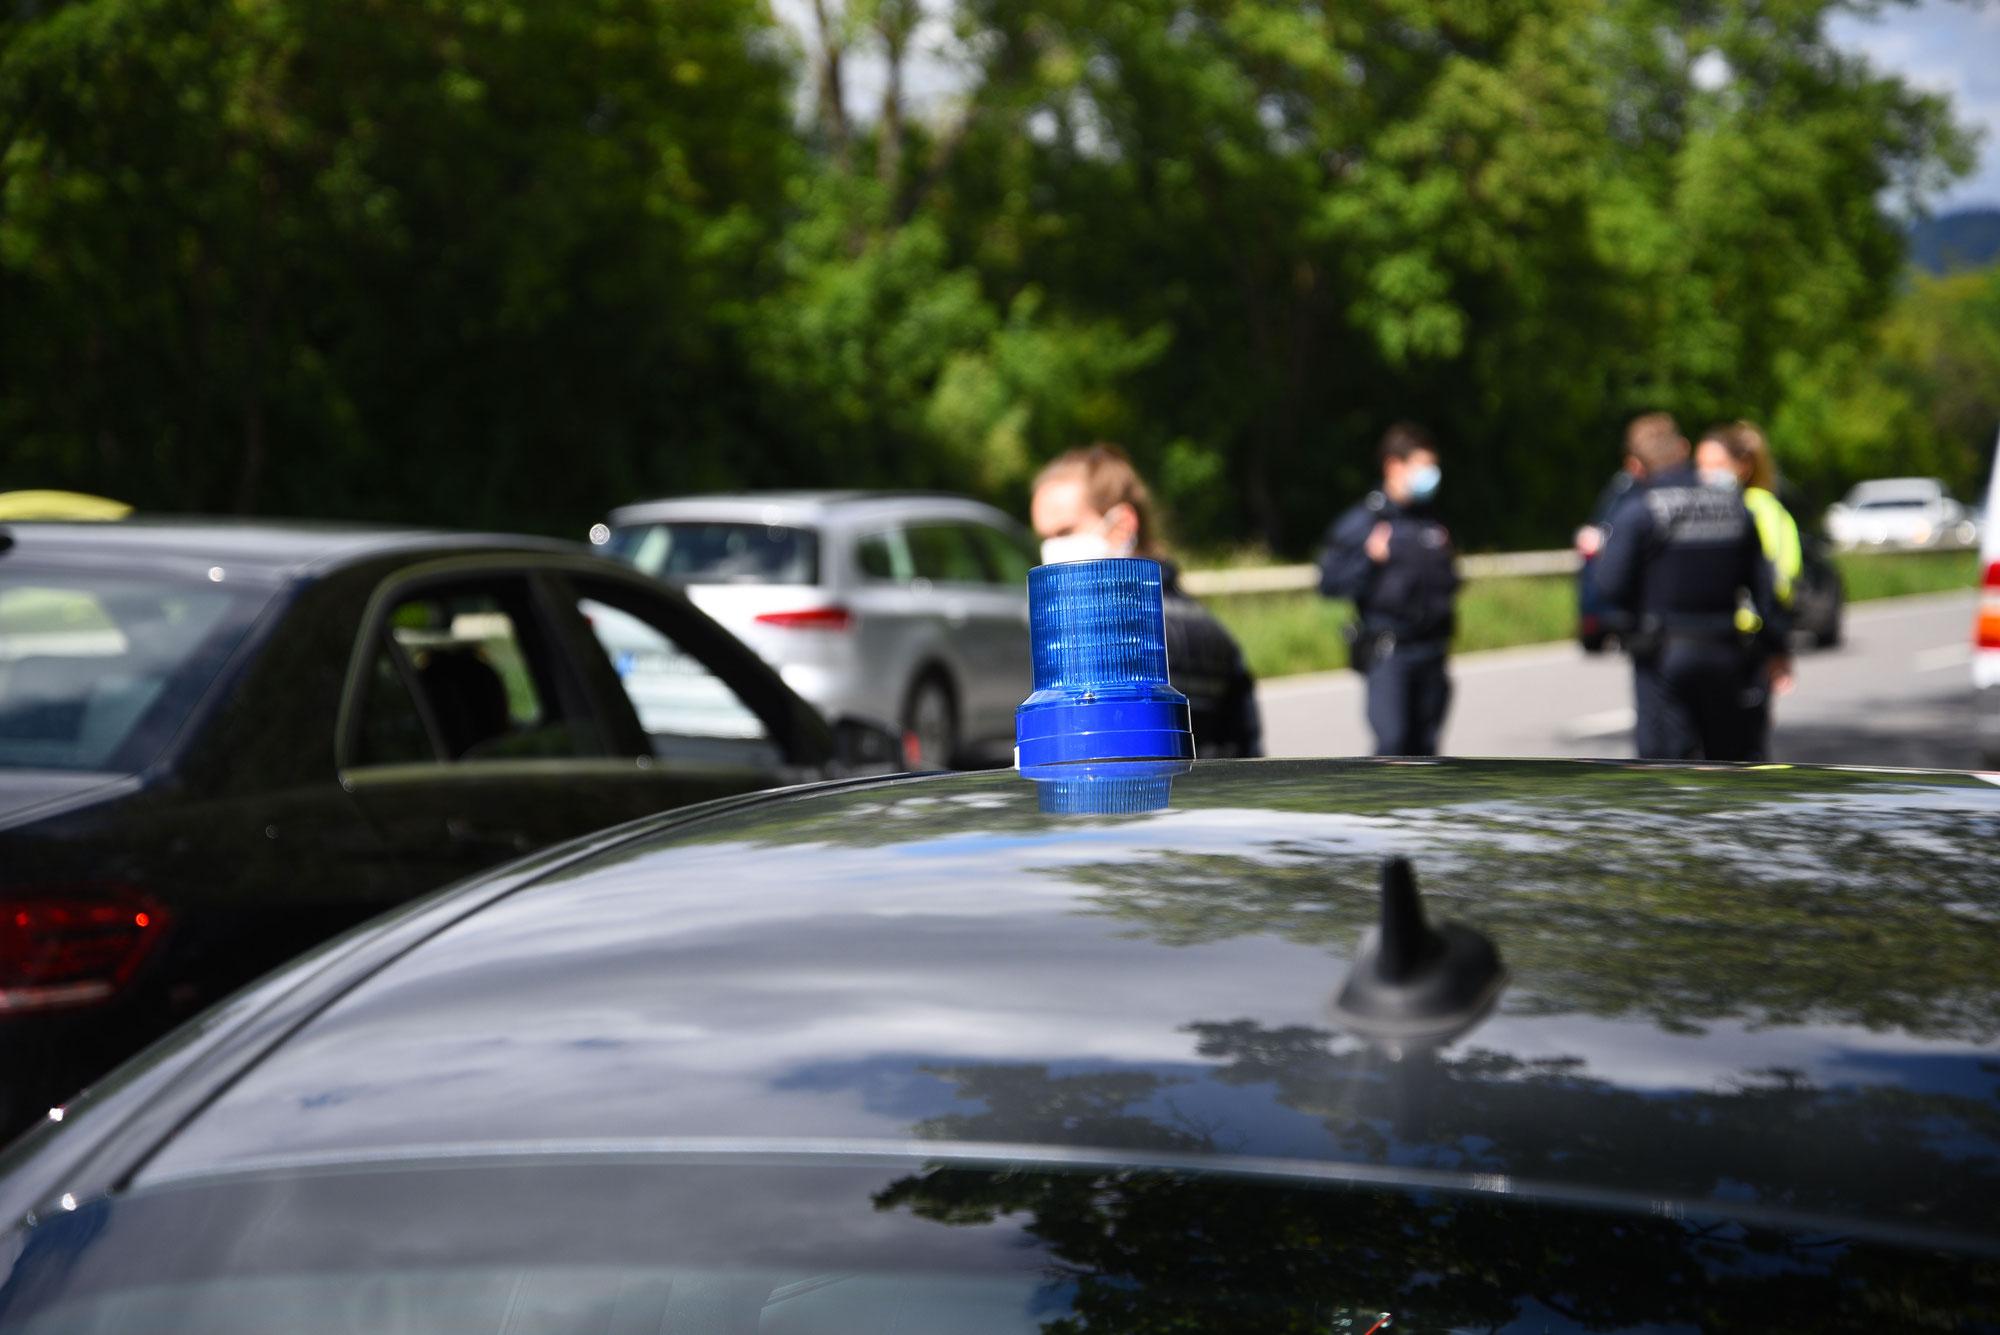 Heidelberg-Bergheim/Neuenheim: 20-jähriger Mercedes-Fahrer entzieht sich Polizeikontrolle und flüchtet - Polizei sucht Zeugen